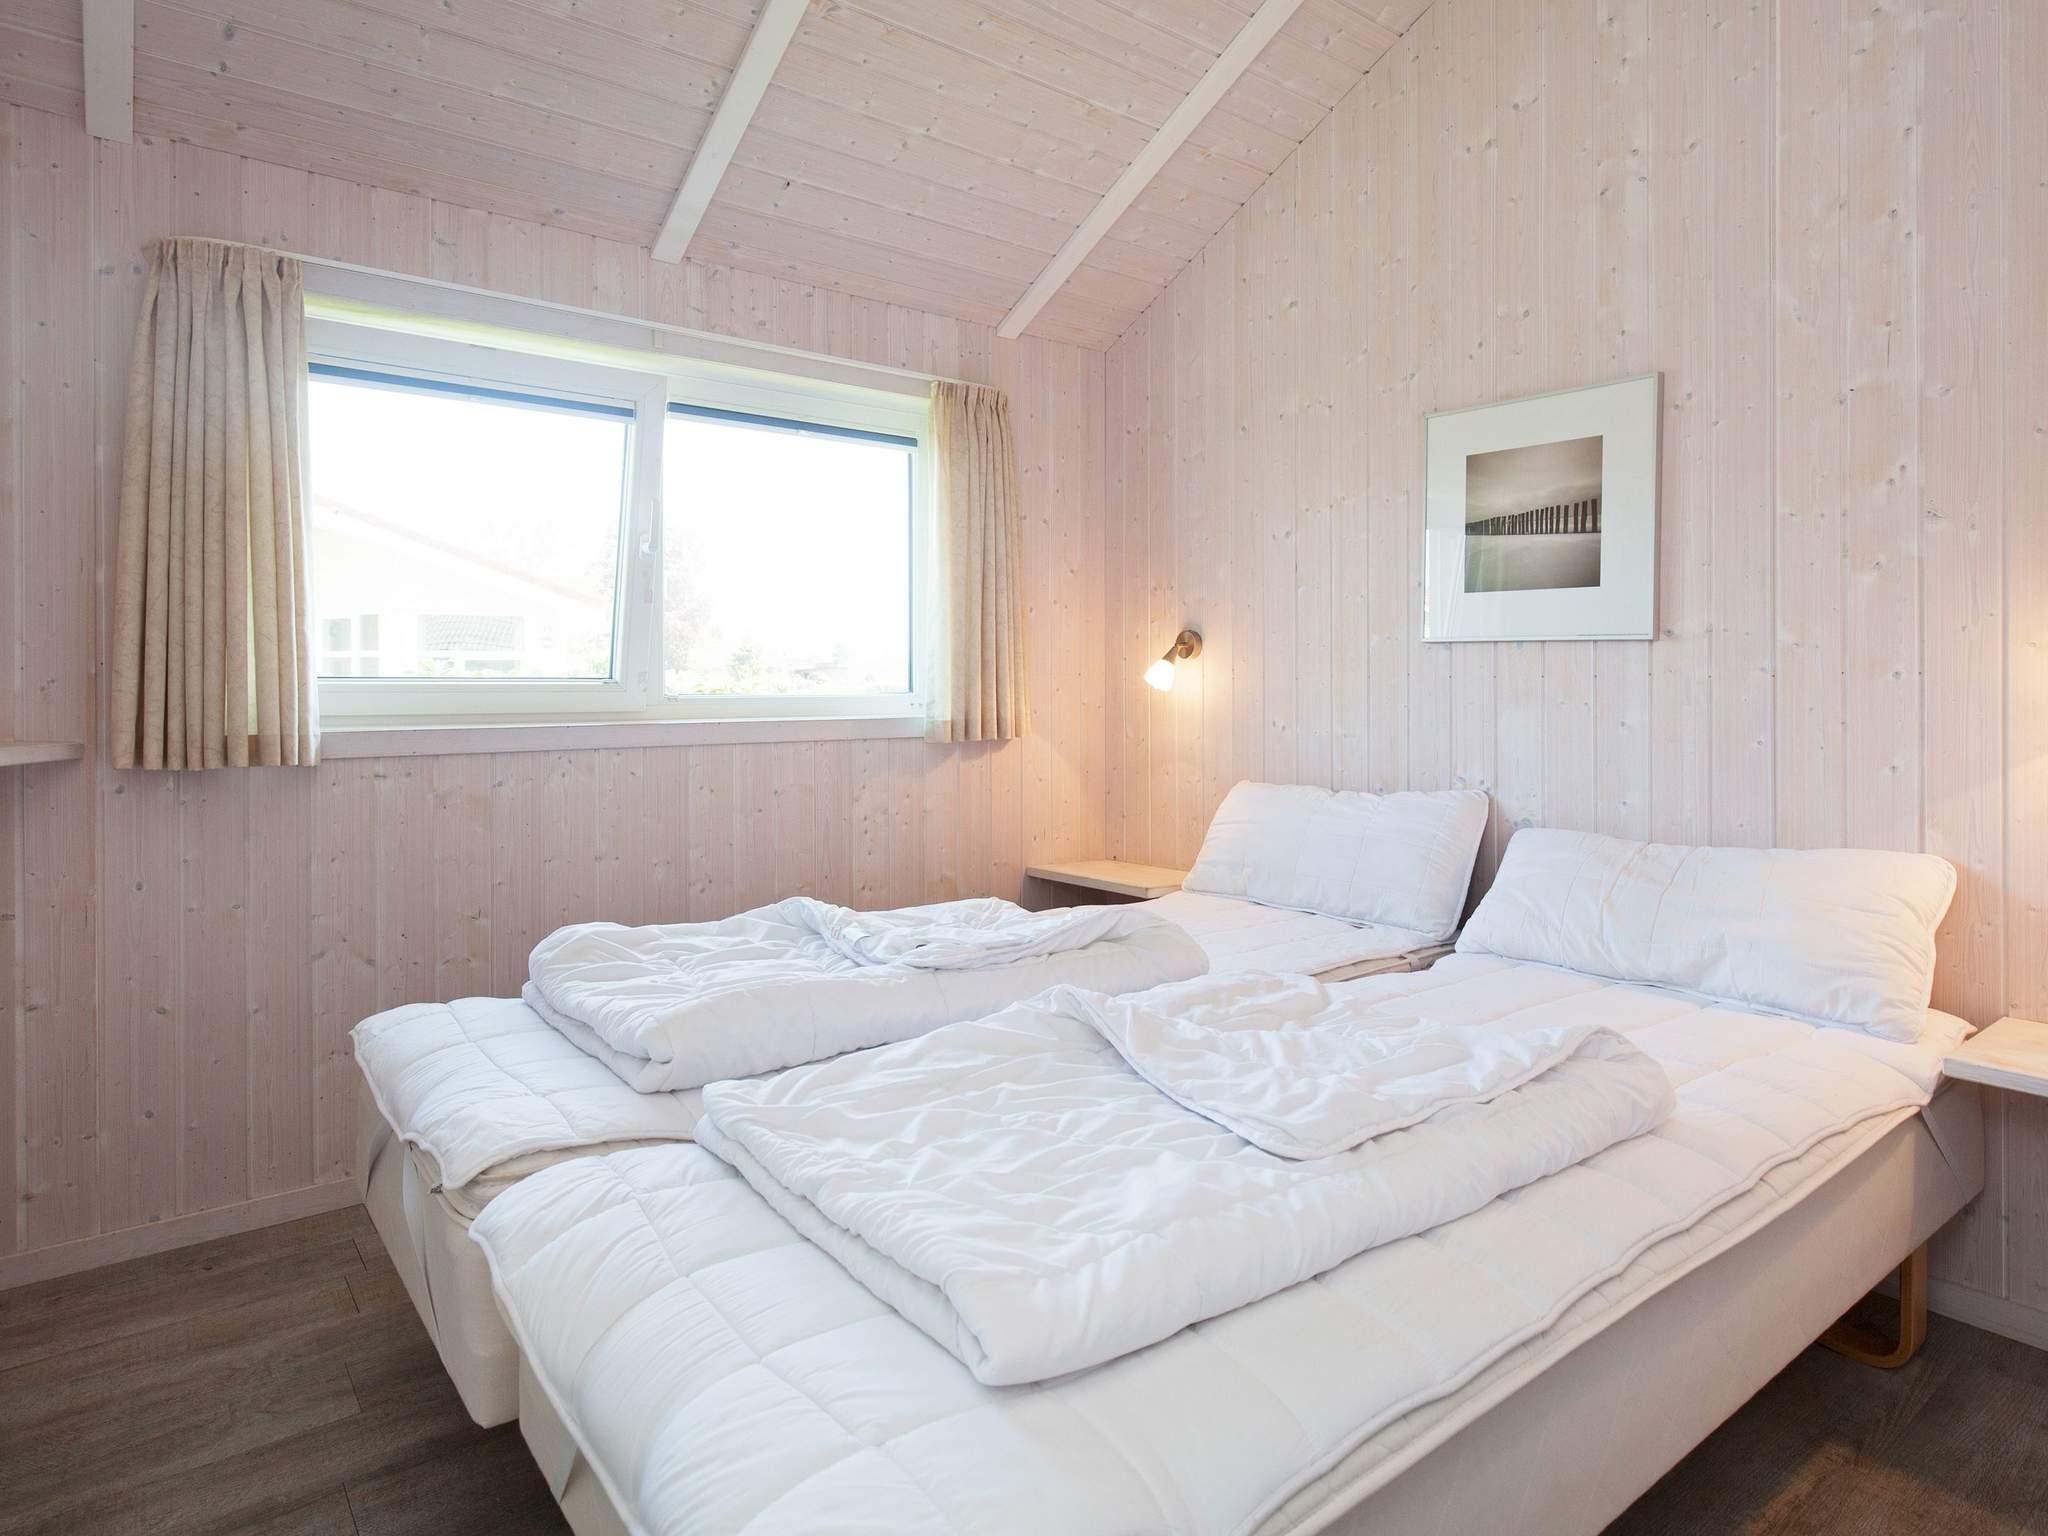 Maison de vacances Grömitz (316467), Grömitz, Baie de Lübeck, Schleswig-Holstein, Allemagne, image 10